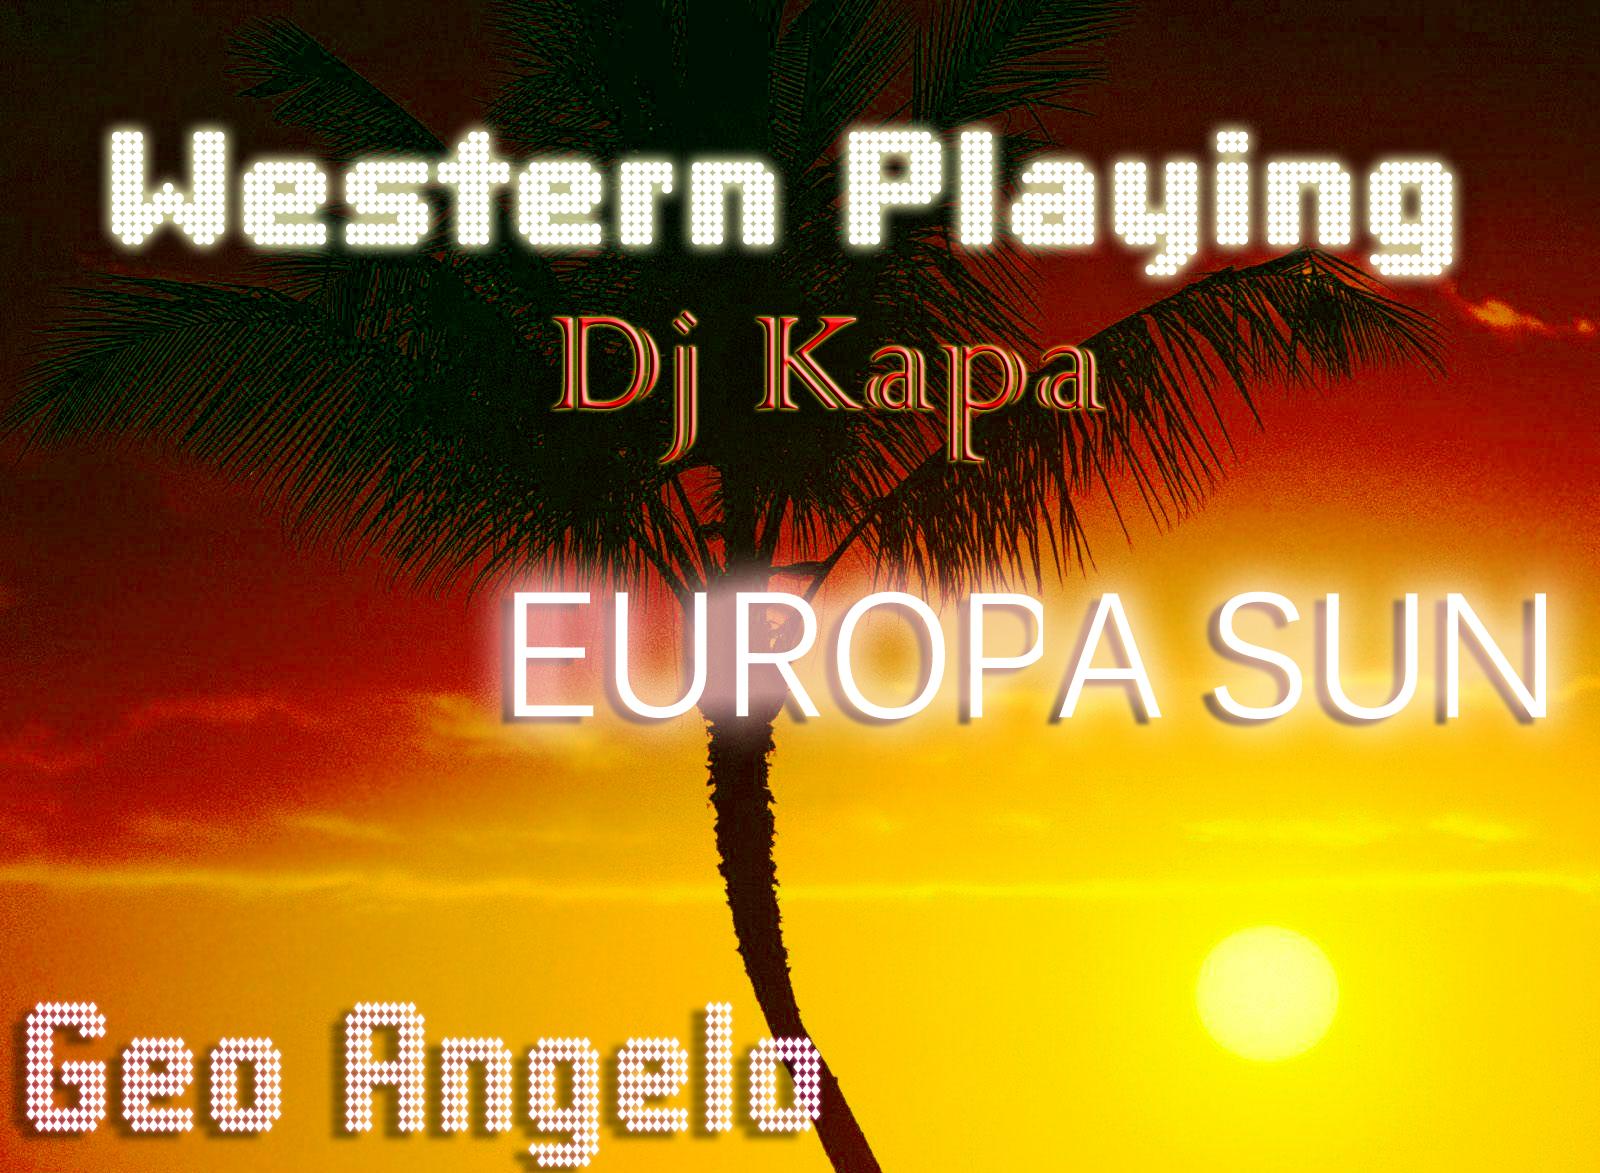 Western Playing & Dj Kapa – Europa Sun (Geo Angelo With Love Remix)